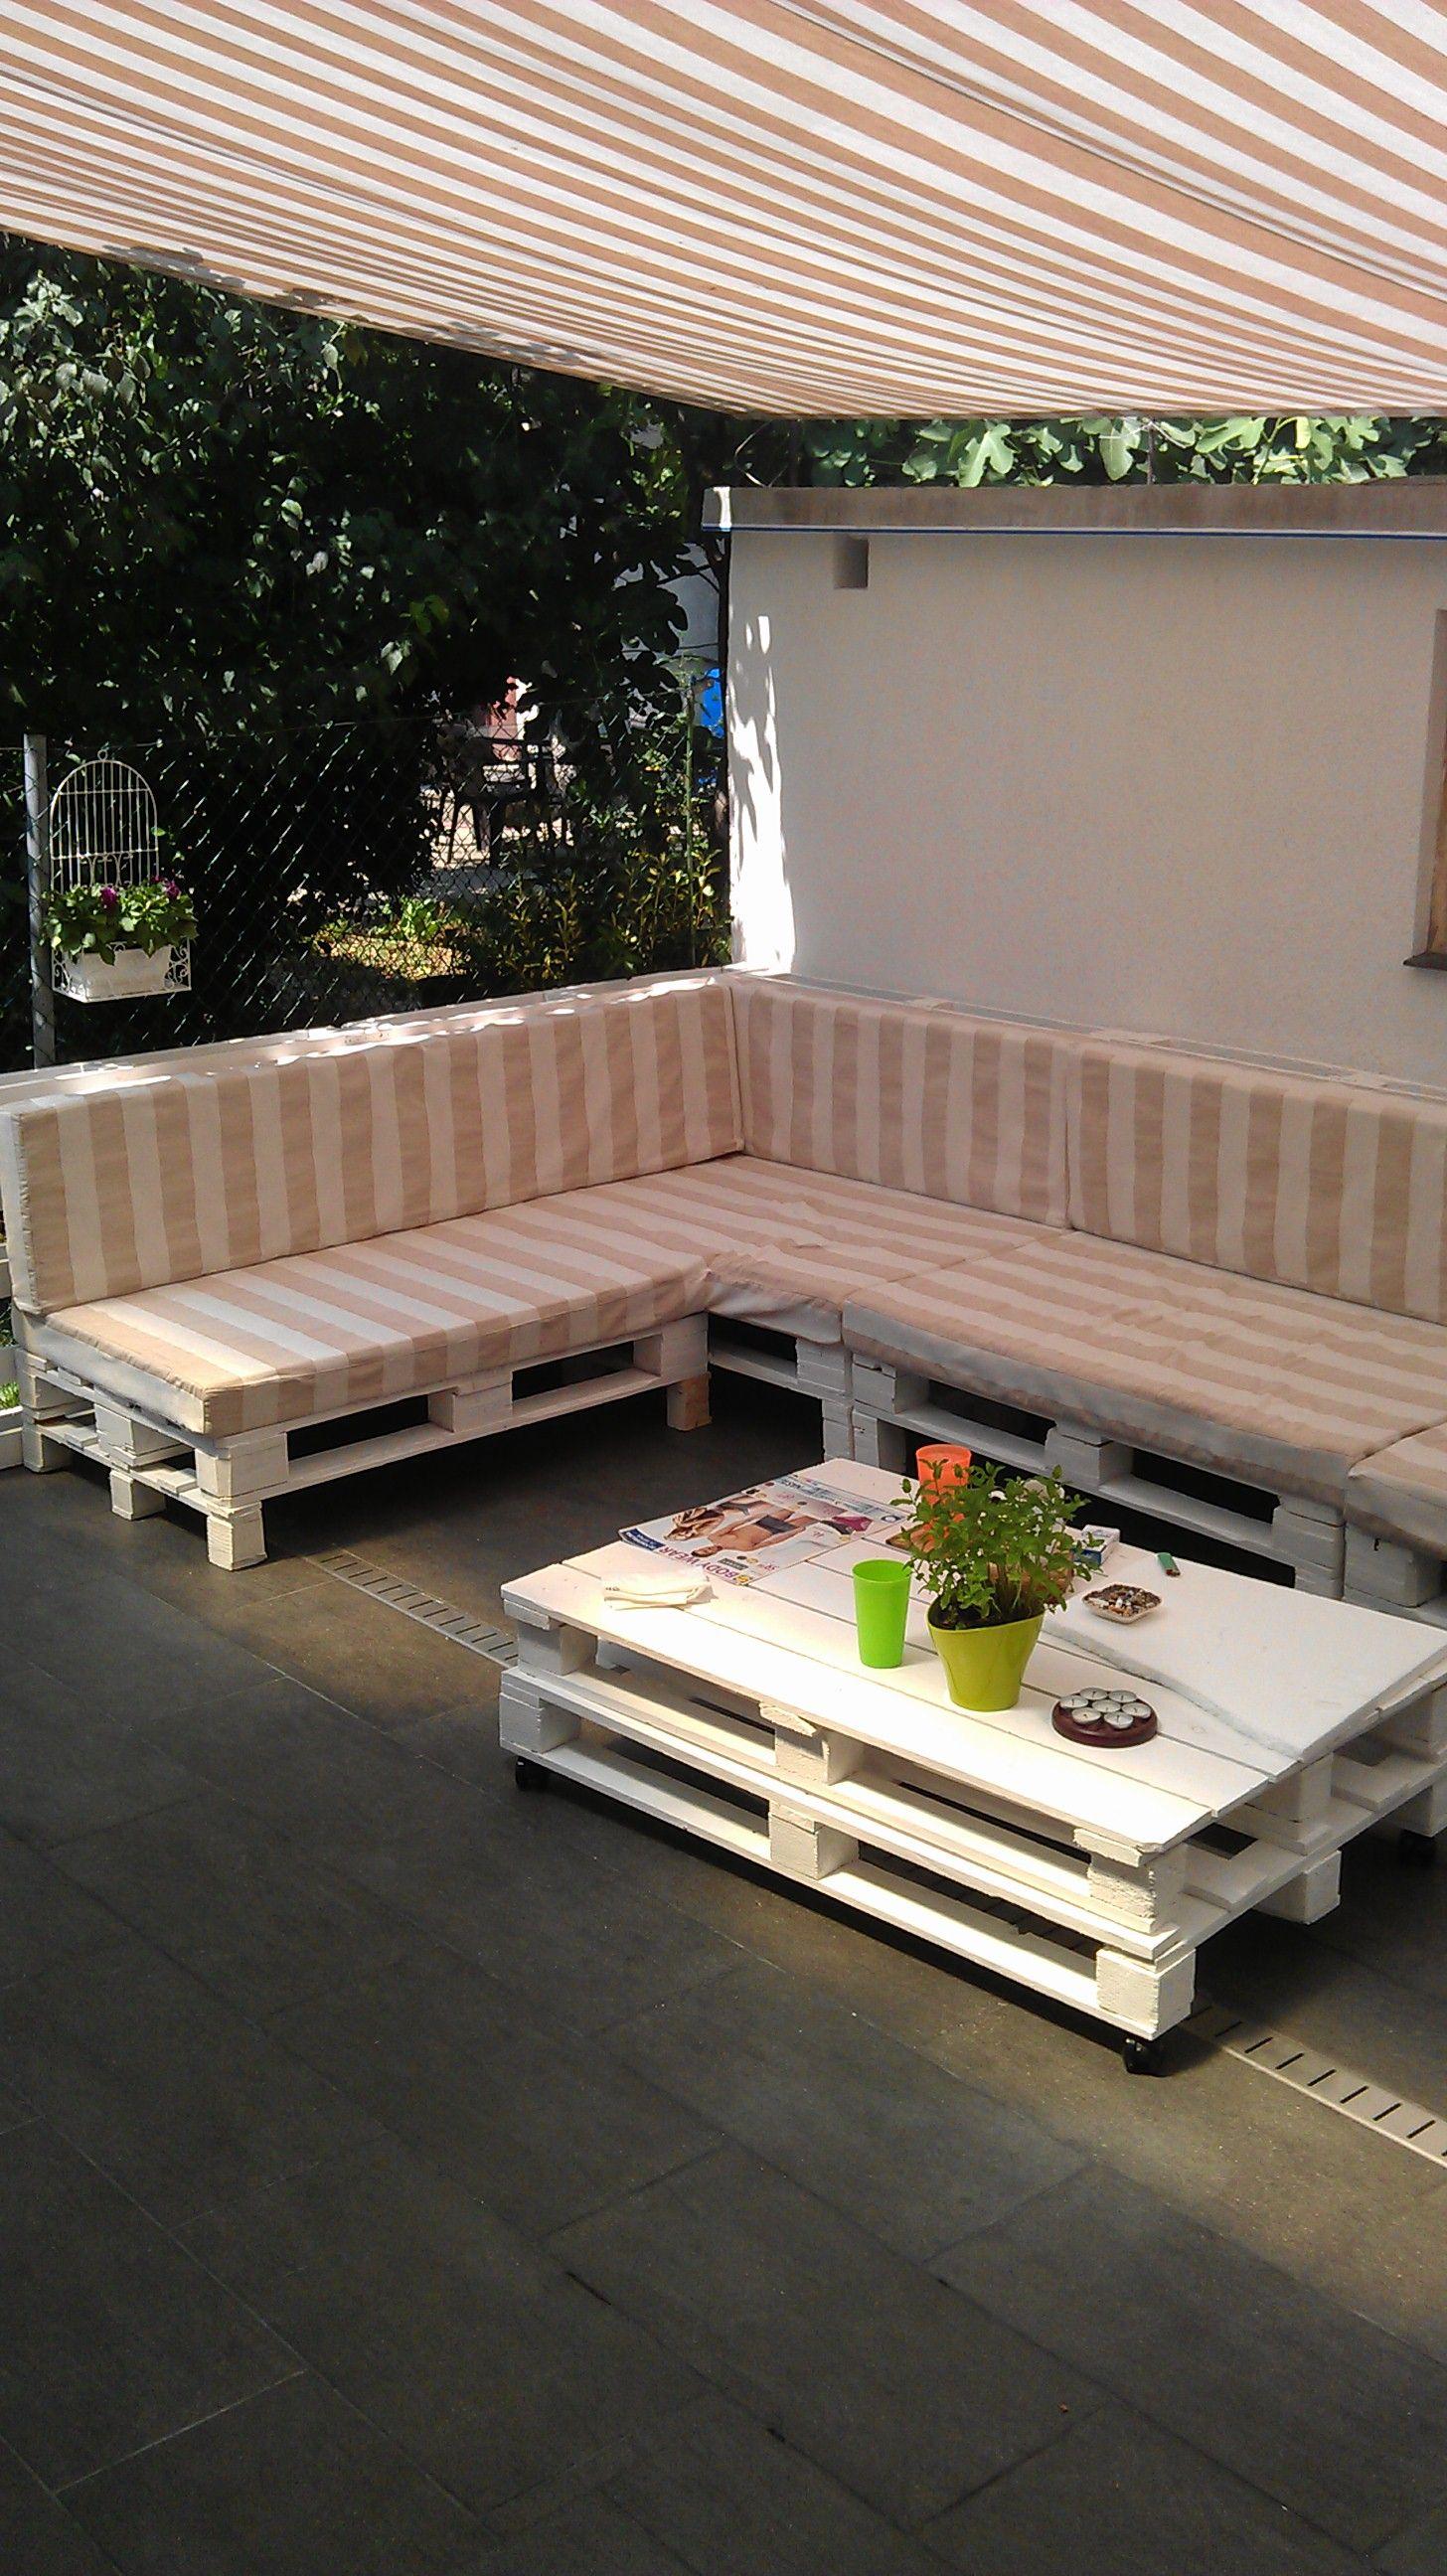 Terrace Pallet Sofa | Palettenmöbel, Gärten und Palletten